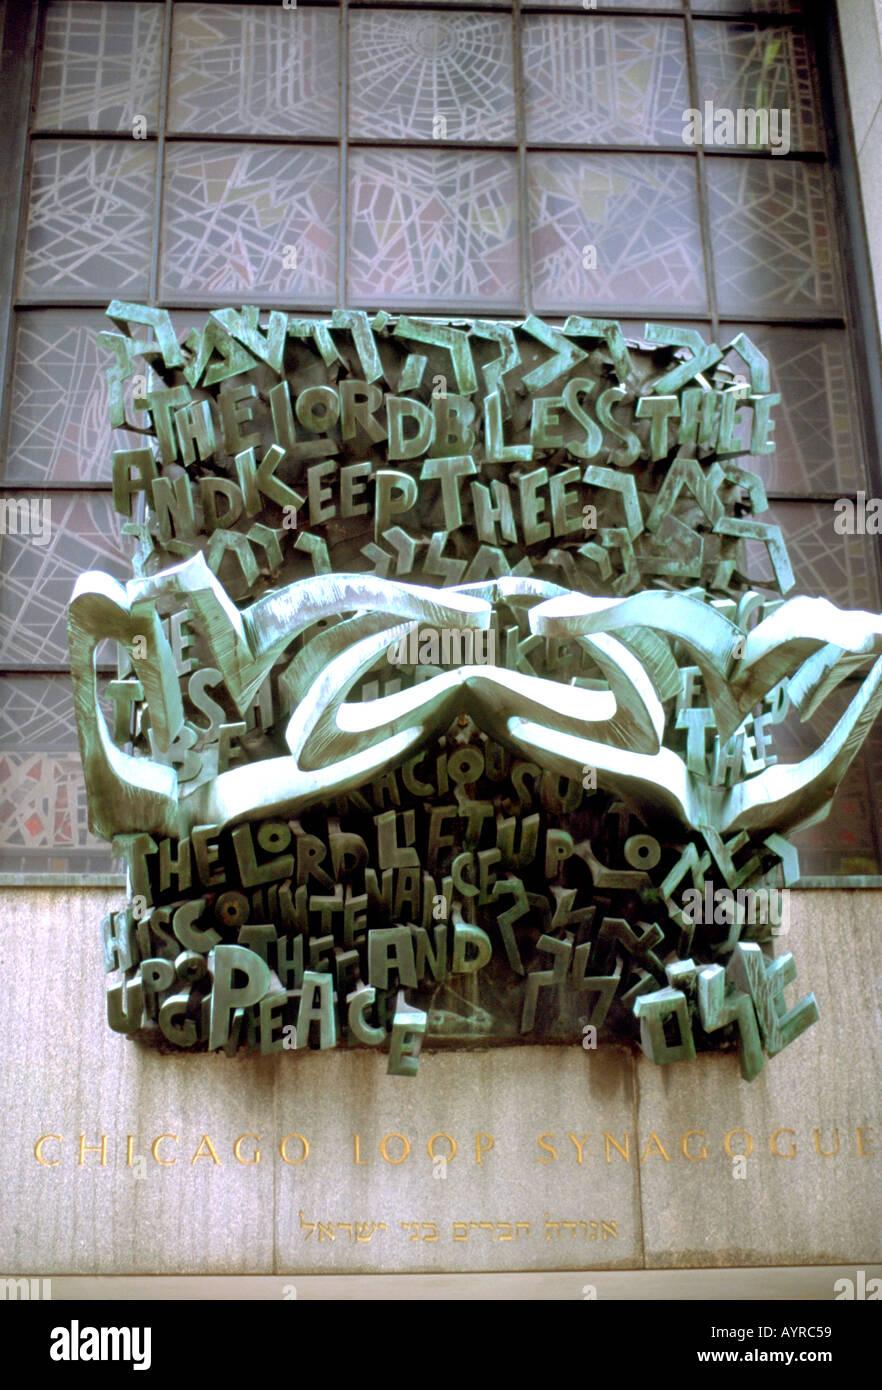 I religiosi Arte Scultura su Chicago Loop sinagoga. Chicago Illinois USA Immagini Stock